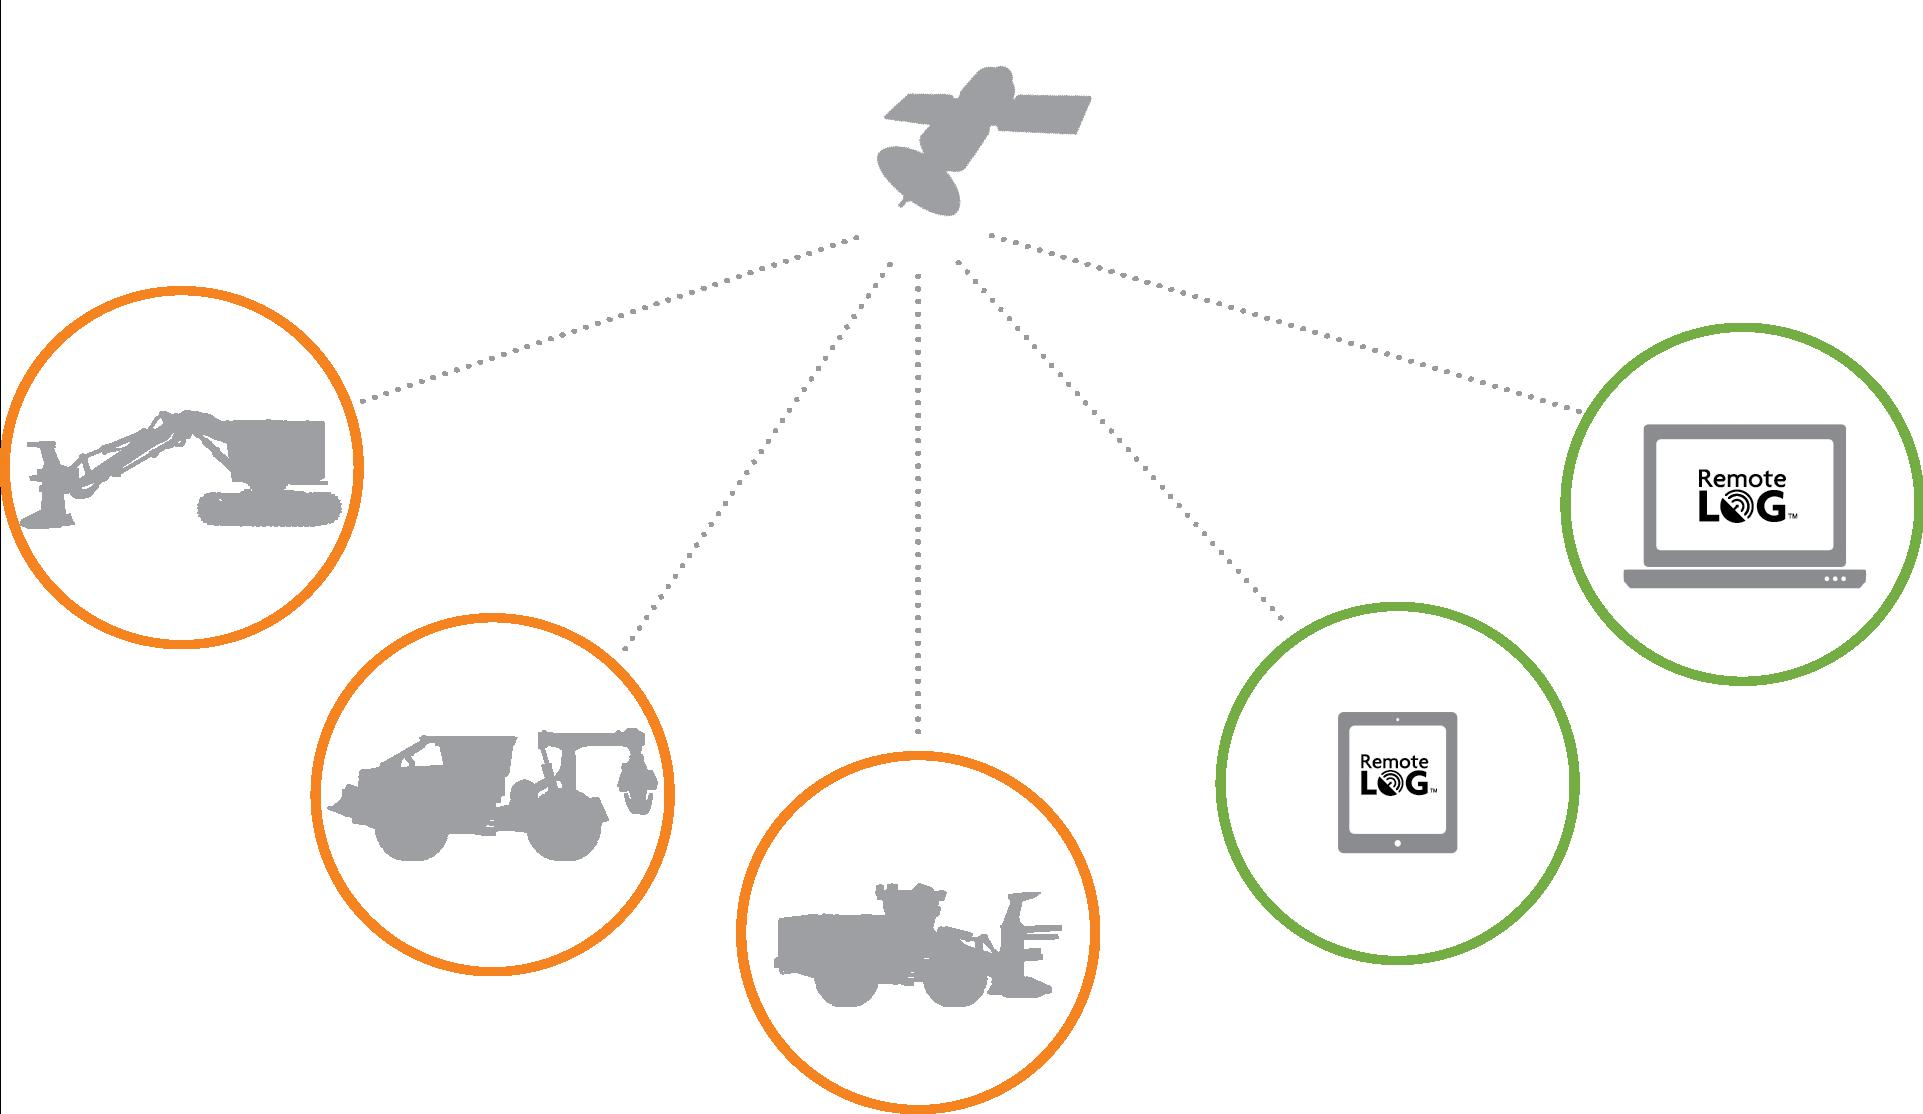 Imagen gráfica de un satélite en el centro con líneas de puntos apuntando a las máquinas de Tigercat, una computadora portátil y una tableta. Indica que la información se transmite vía satélite desde su máquina a la computadora o tableta.